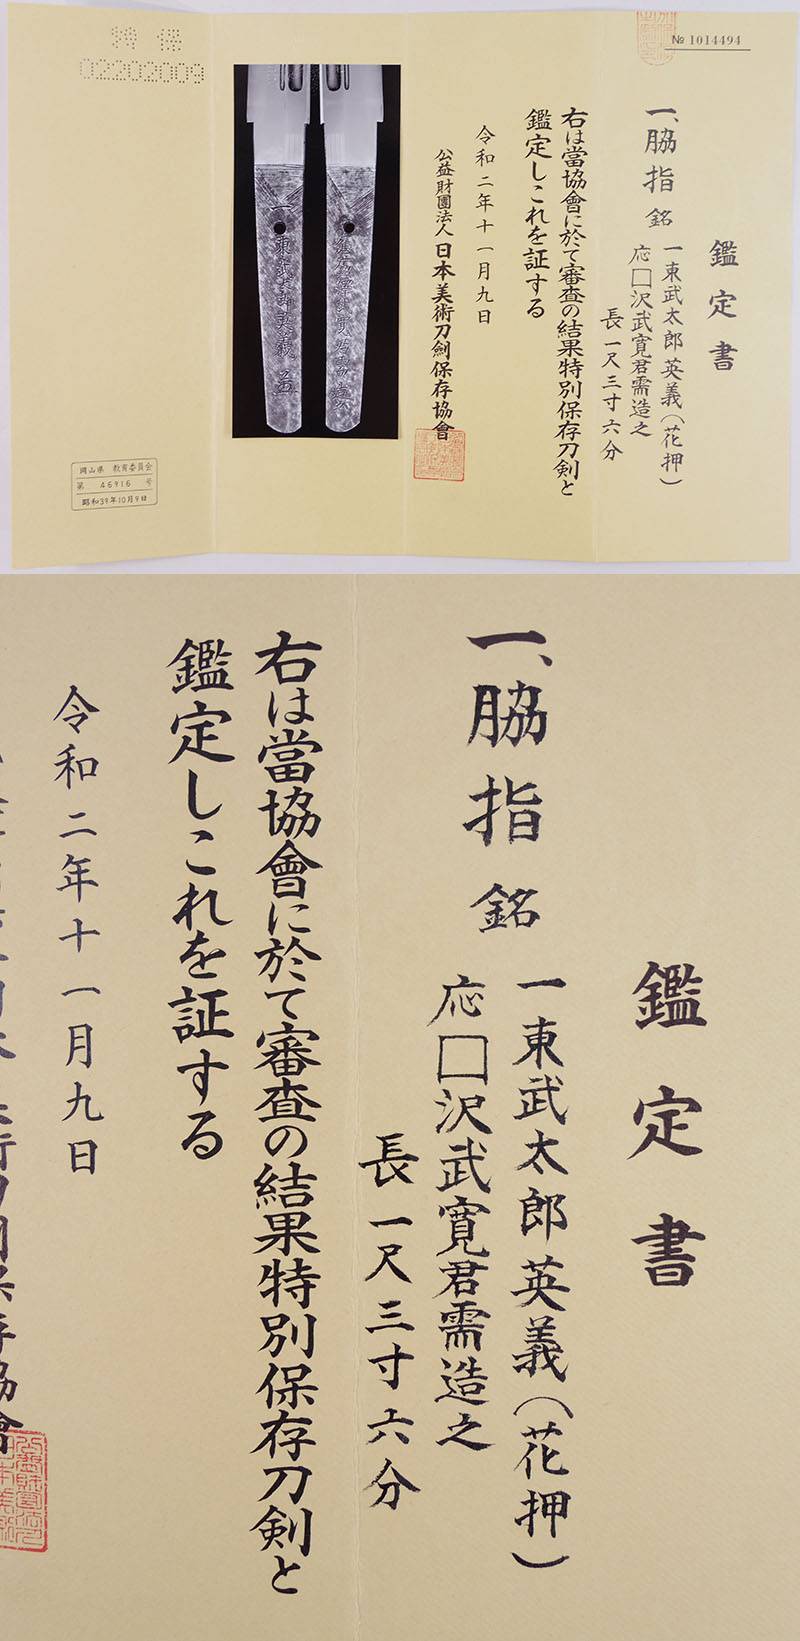 脇差 一東武太郎英義(花押)応□沢武寛君需造之  (藤枝太郎英義) (新々刀 上作) Picture of Certificate